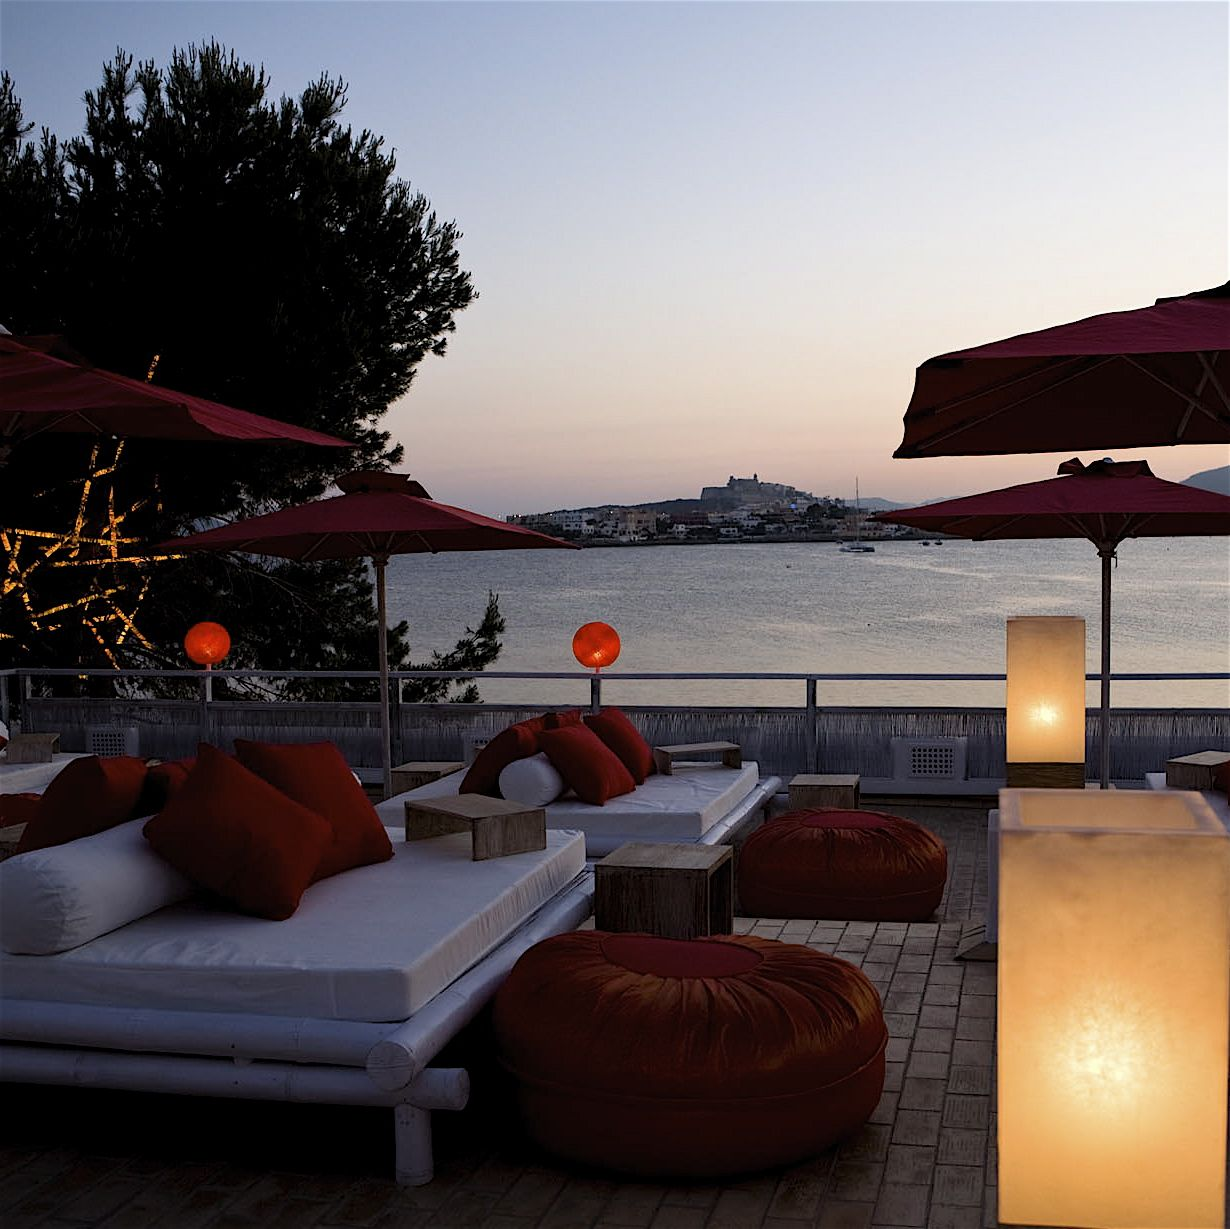 Restaurante Lounge Bar Sa Punta Ibiza Placer Culinario Sobre Las  ~ Cena Romantica En Santiago De Compostela